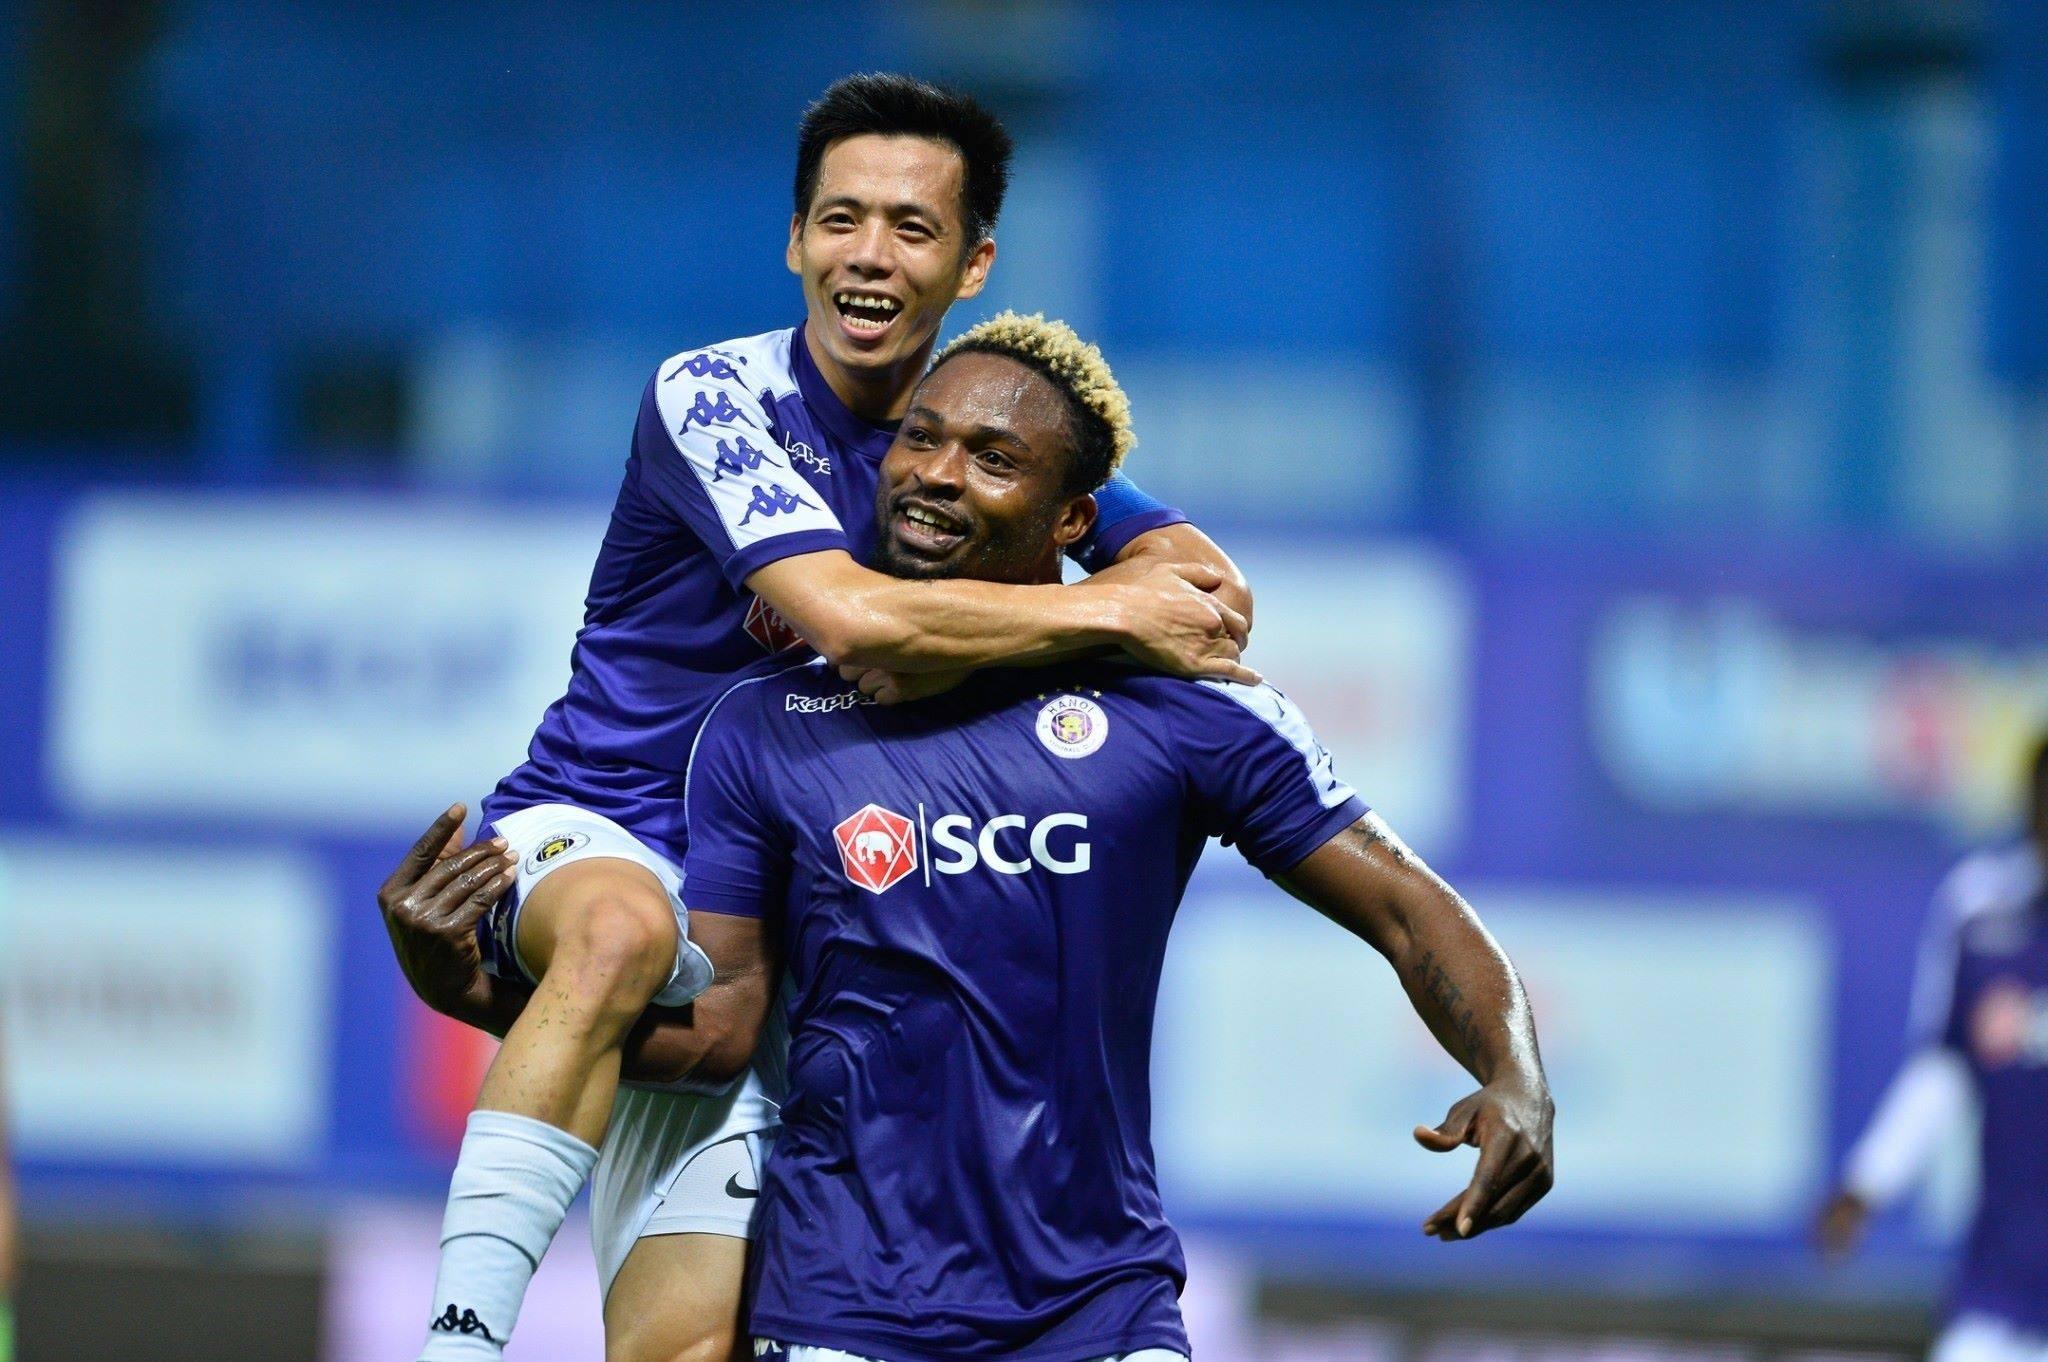 Điểm tin bóng đá Việt Nam sáng 13/02: U23 Việt Nam nhận tổn thất lớn ở vòng loại U23 châu Á - Bóng Đá